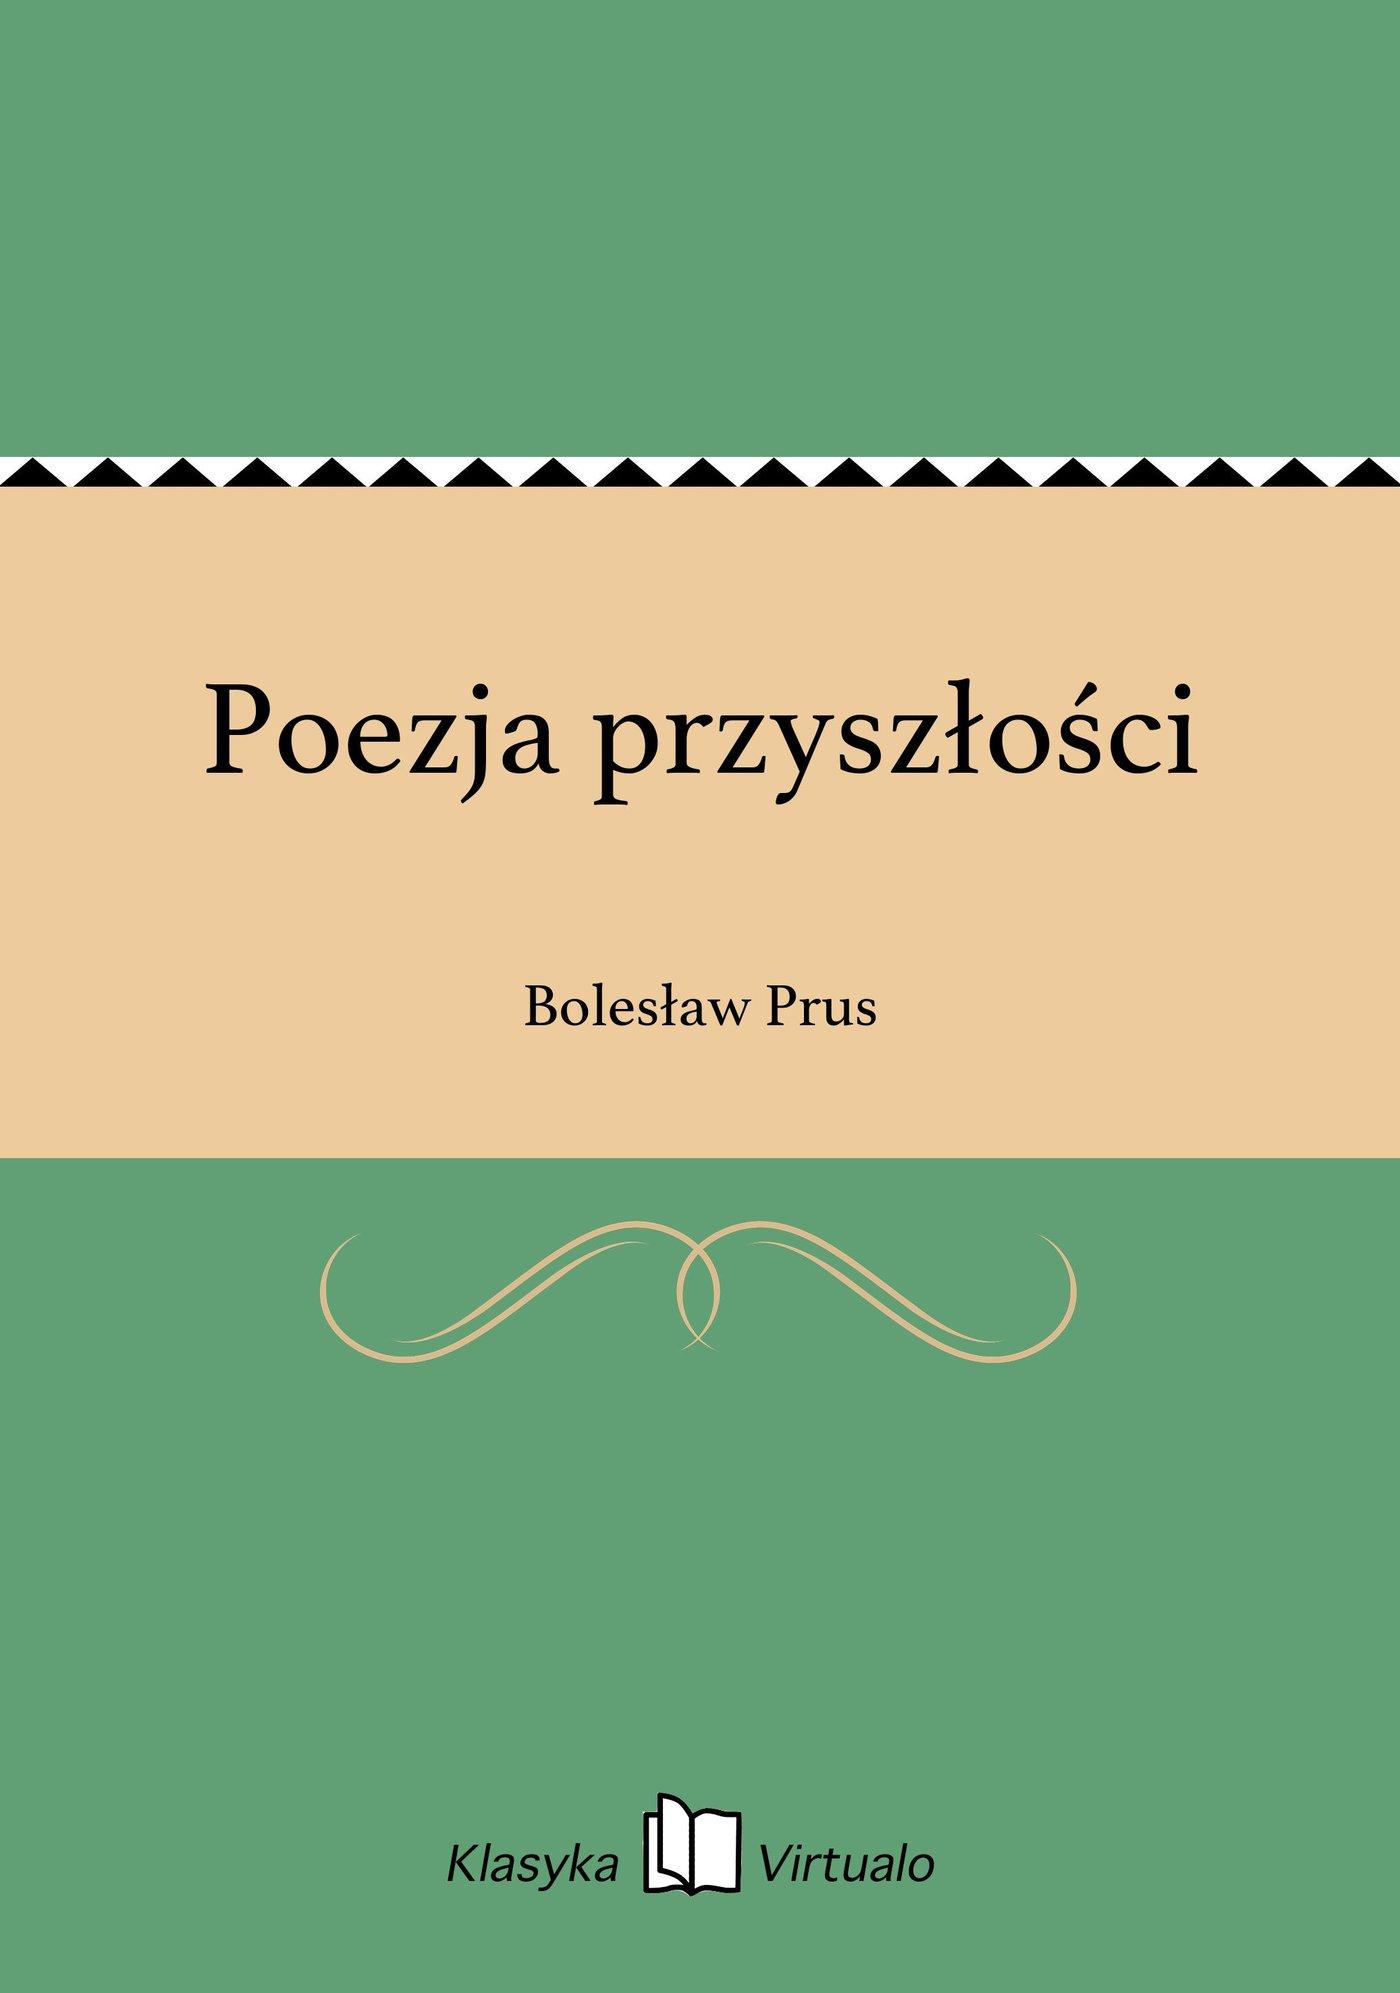 Poezja przyszłości - Ebook (Książka EPUB) do pobrania w formacie EPUB